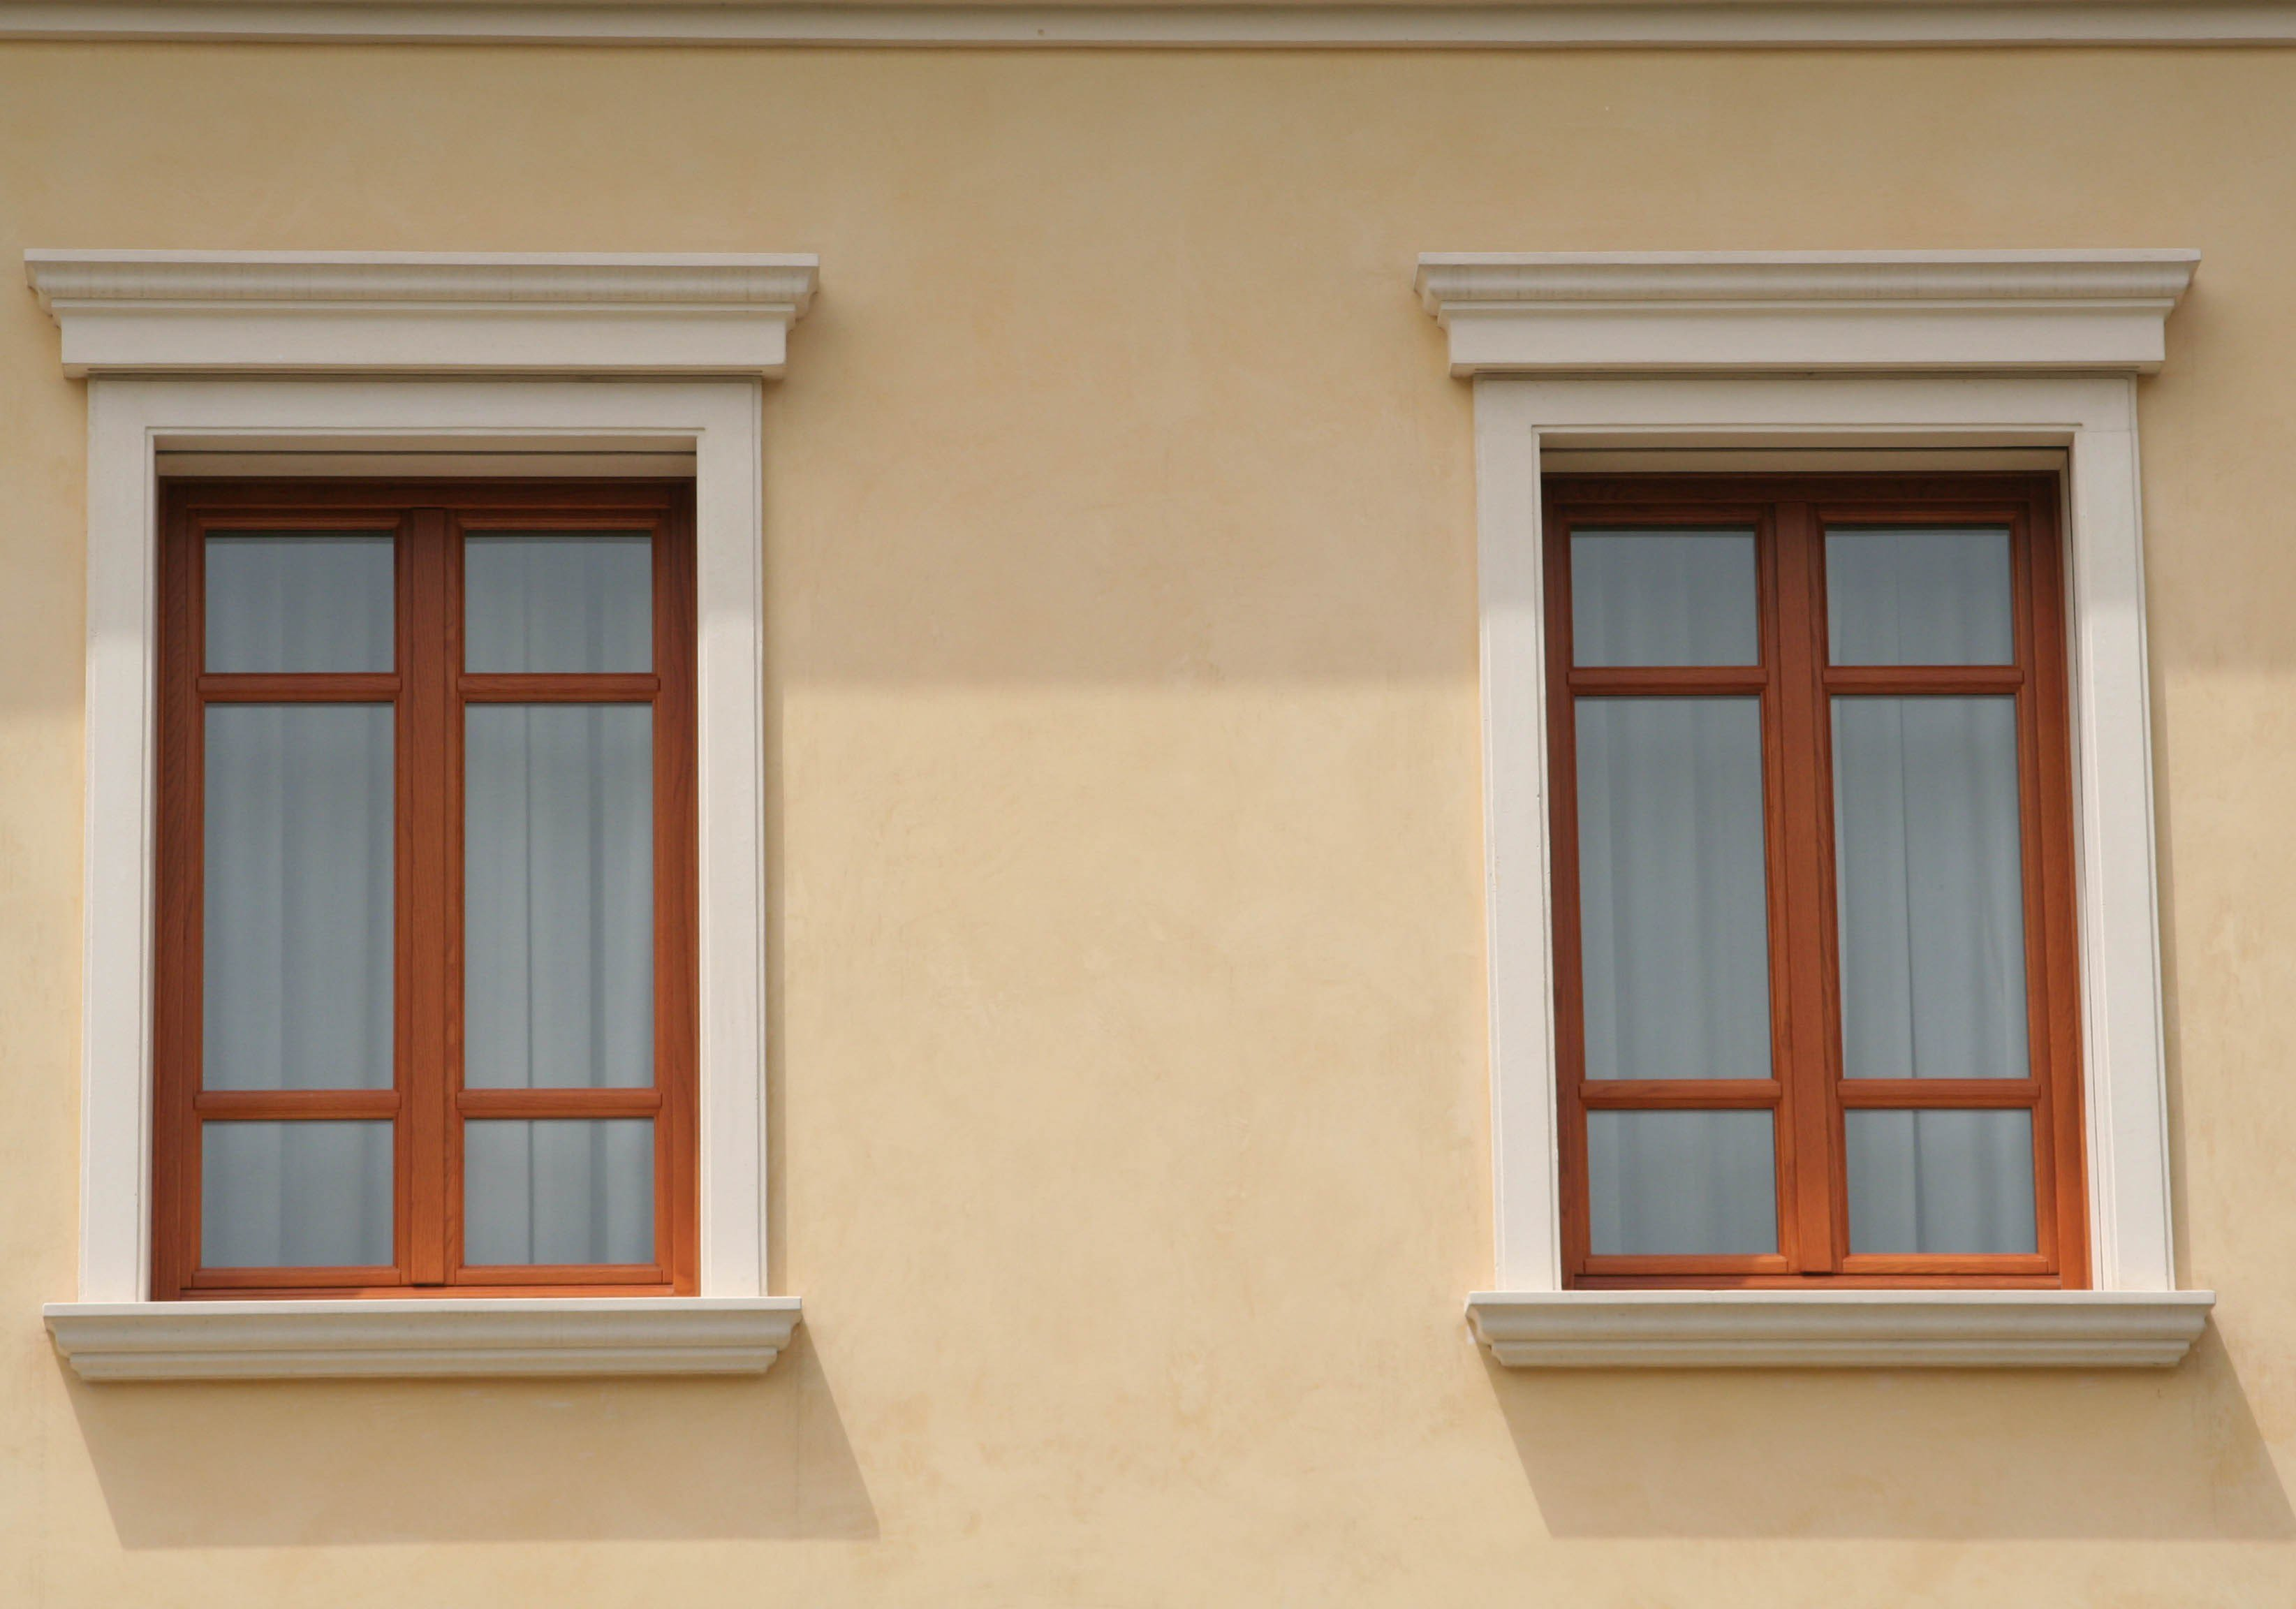 Cornici contorni per finestre by ELENI